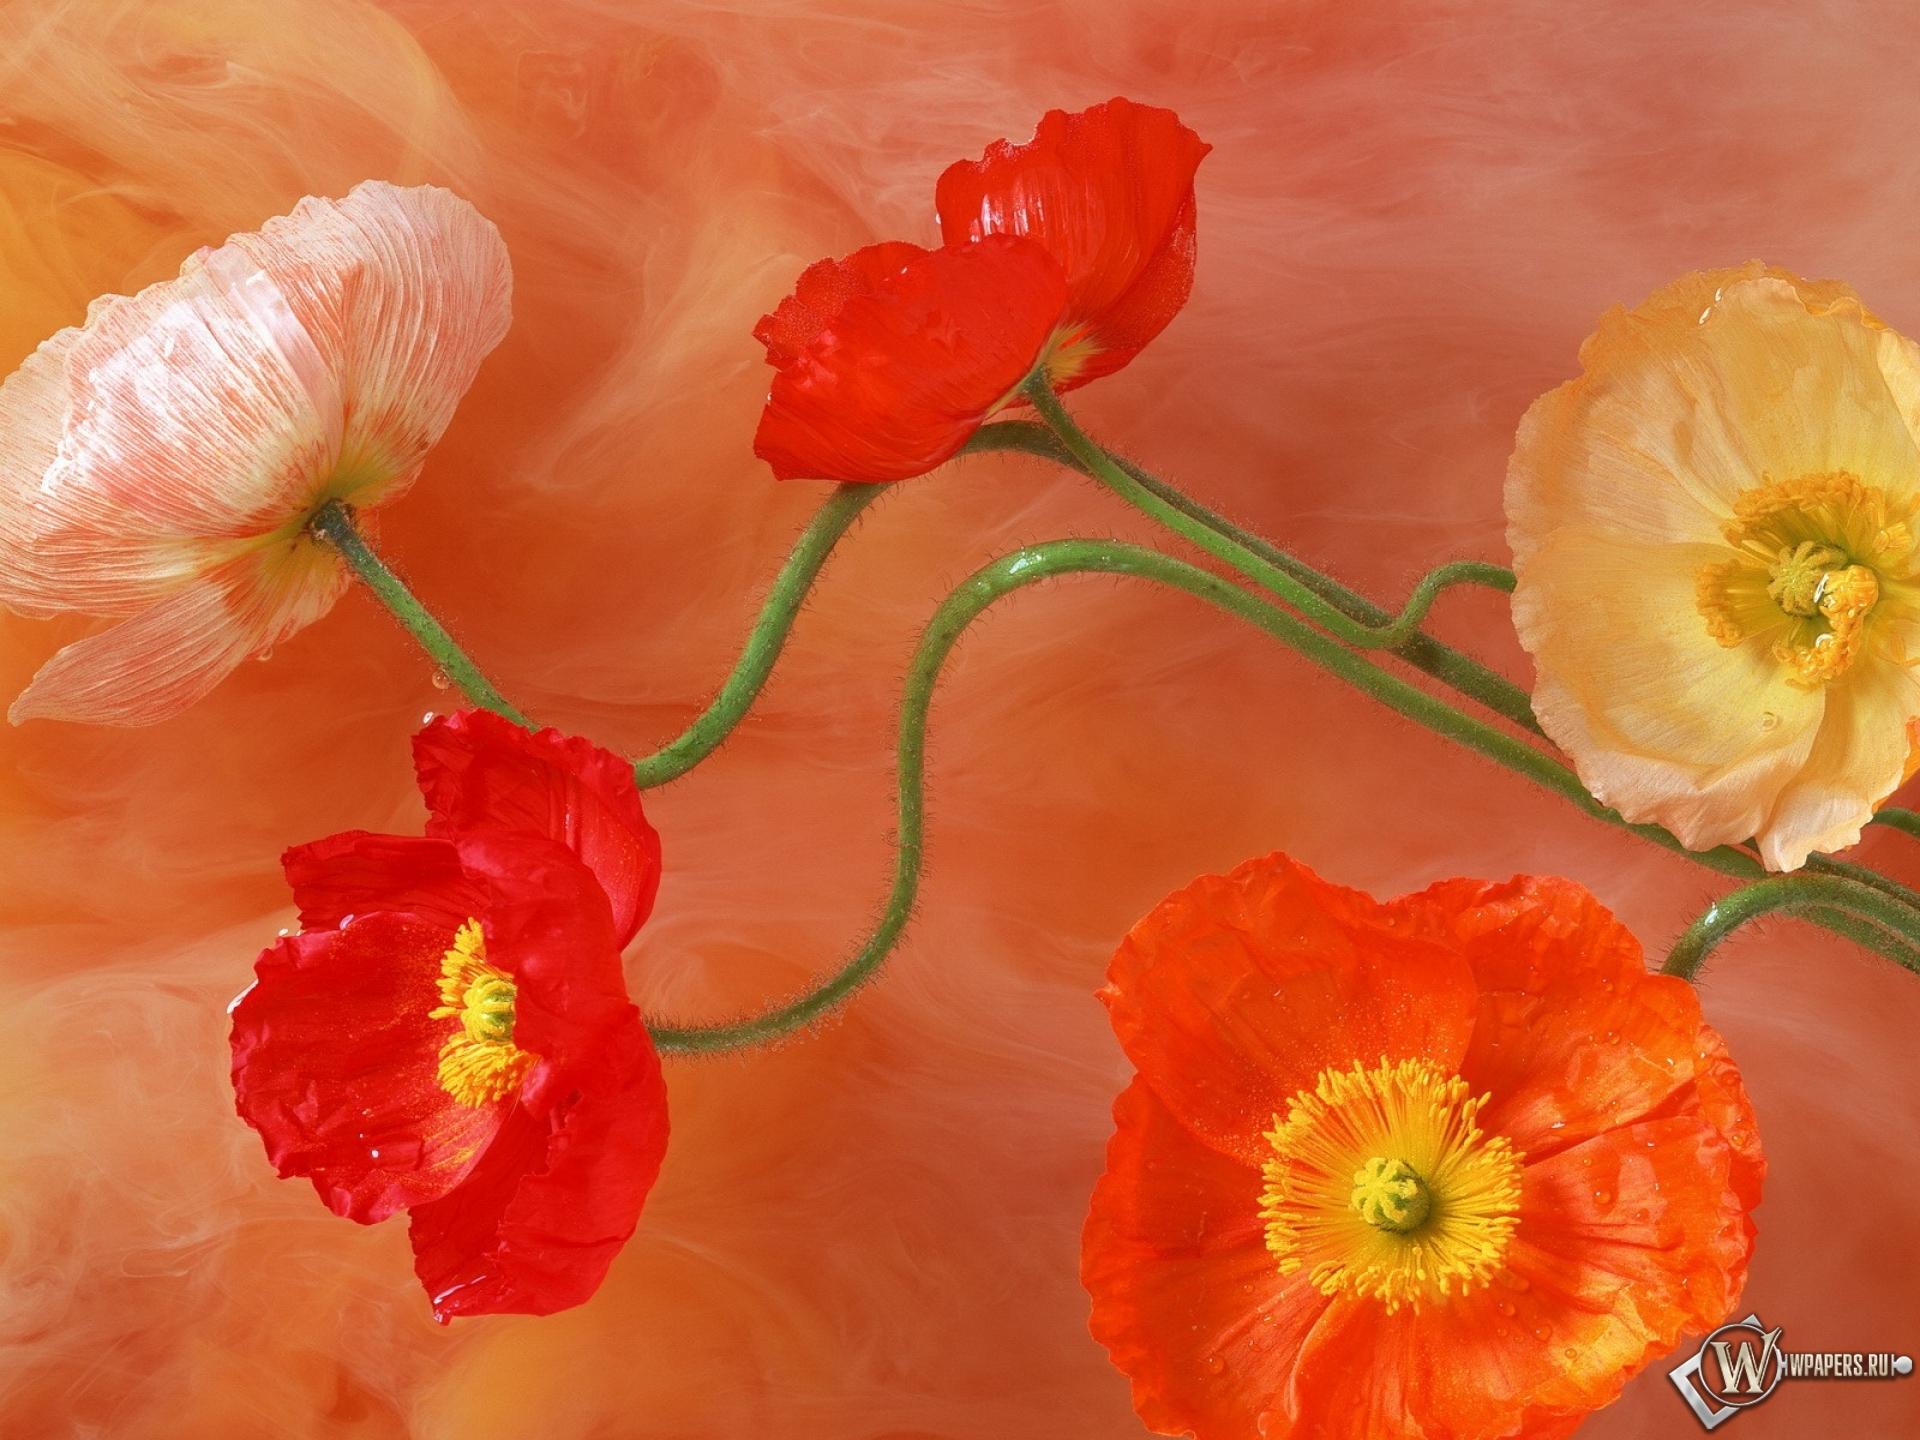 Ищете красивые бесплатные картинки цветы. Вы найдёте их на этом сайте